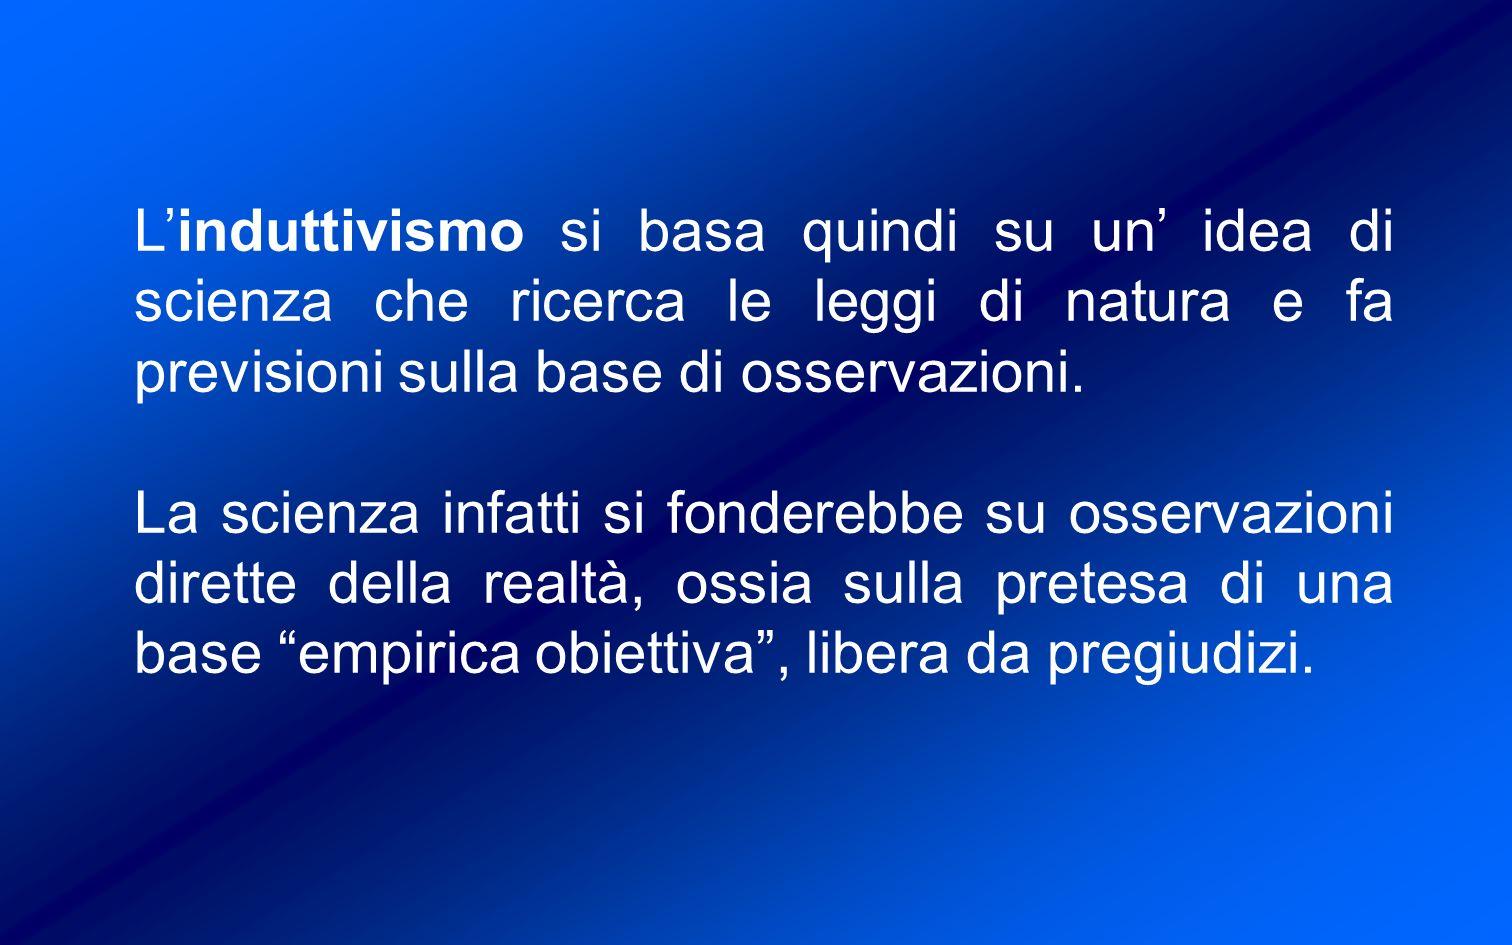 L'induttivismo si basa quindi su un' idea di scienza che ricerca le leggi di natura e fa previsioni sulla base di osservazioni.